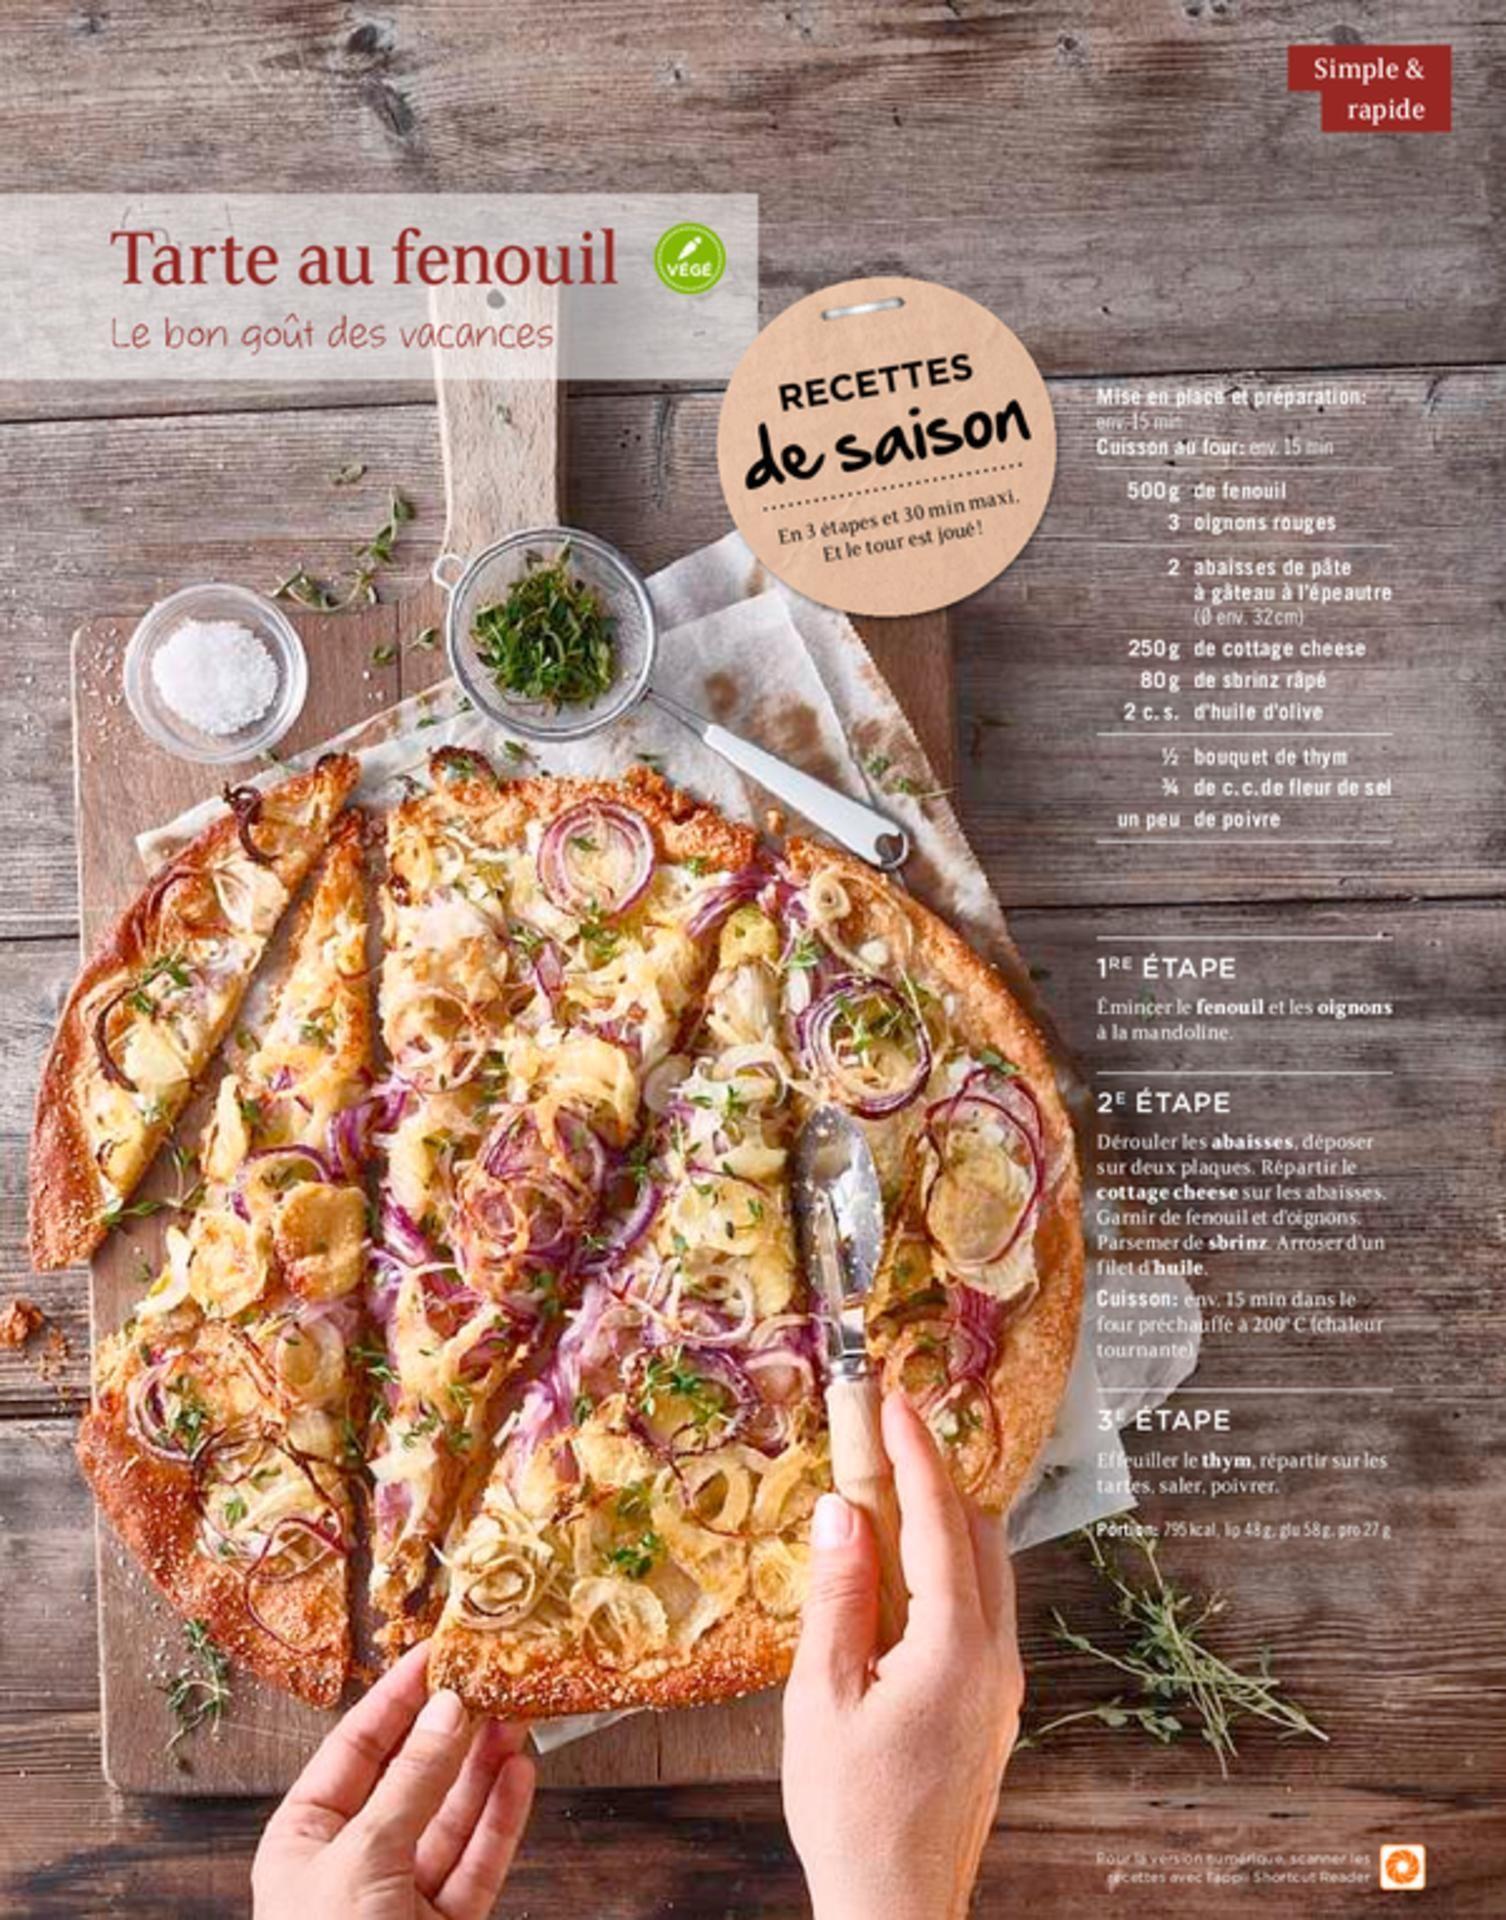 Shortcut - Tarte au fenouil